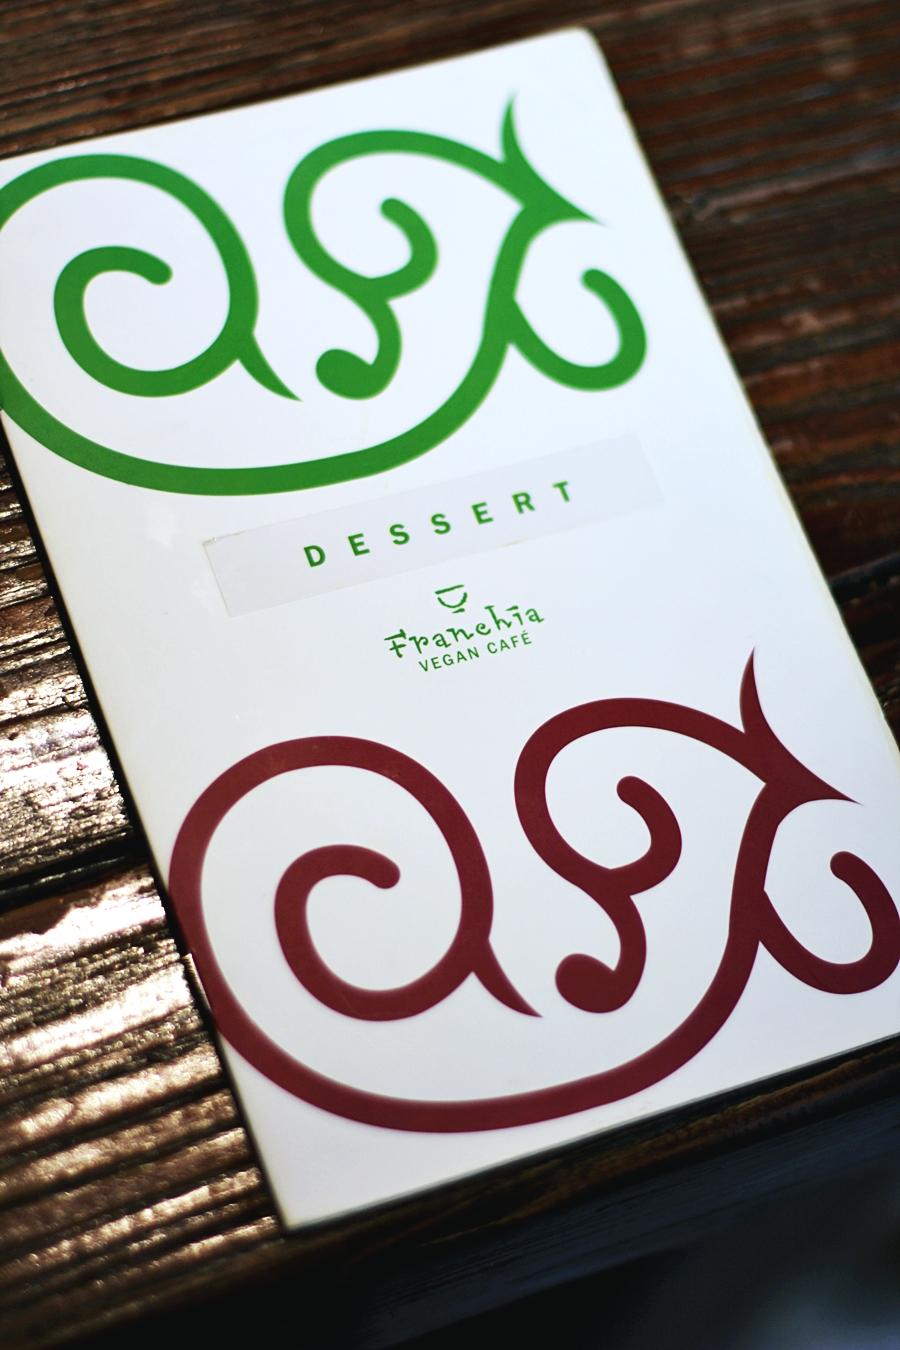 dessert franchia